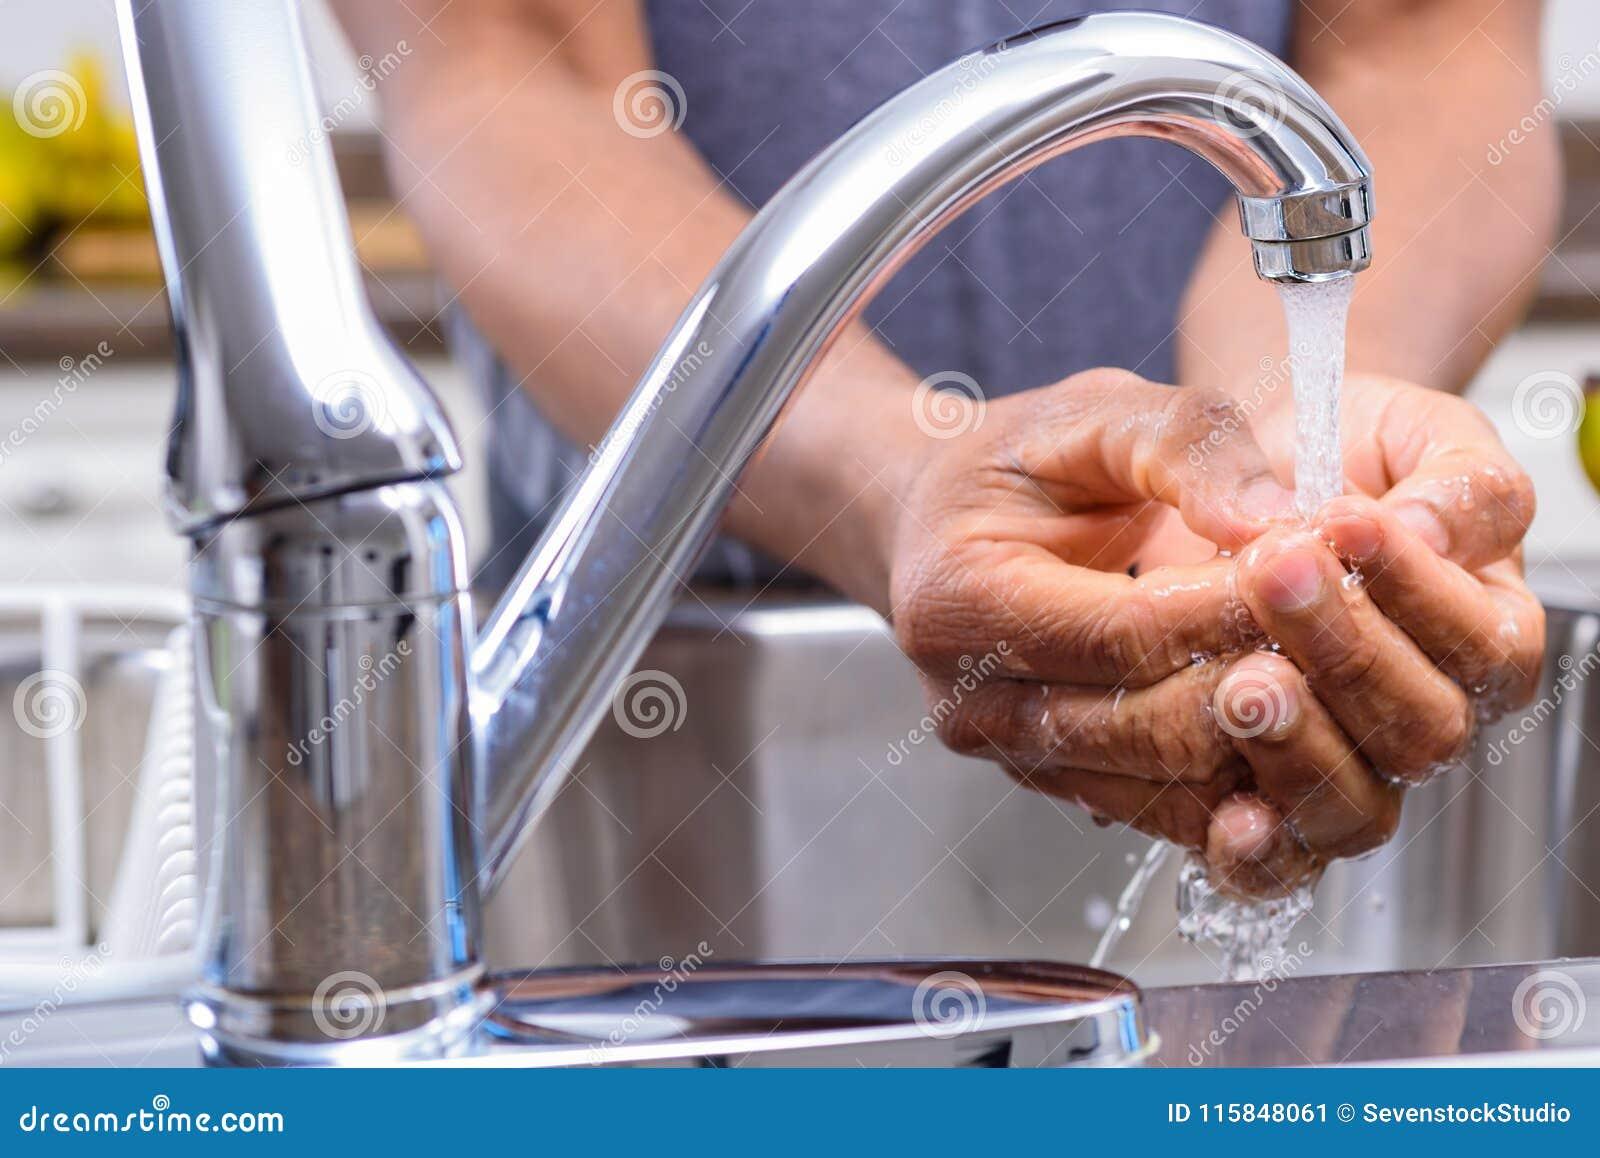 Équipez les mains de lavage à l évier de cuisine avant préparation de repas